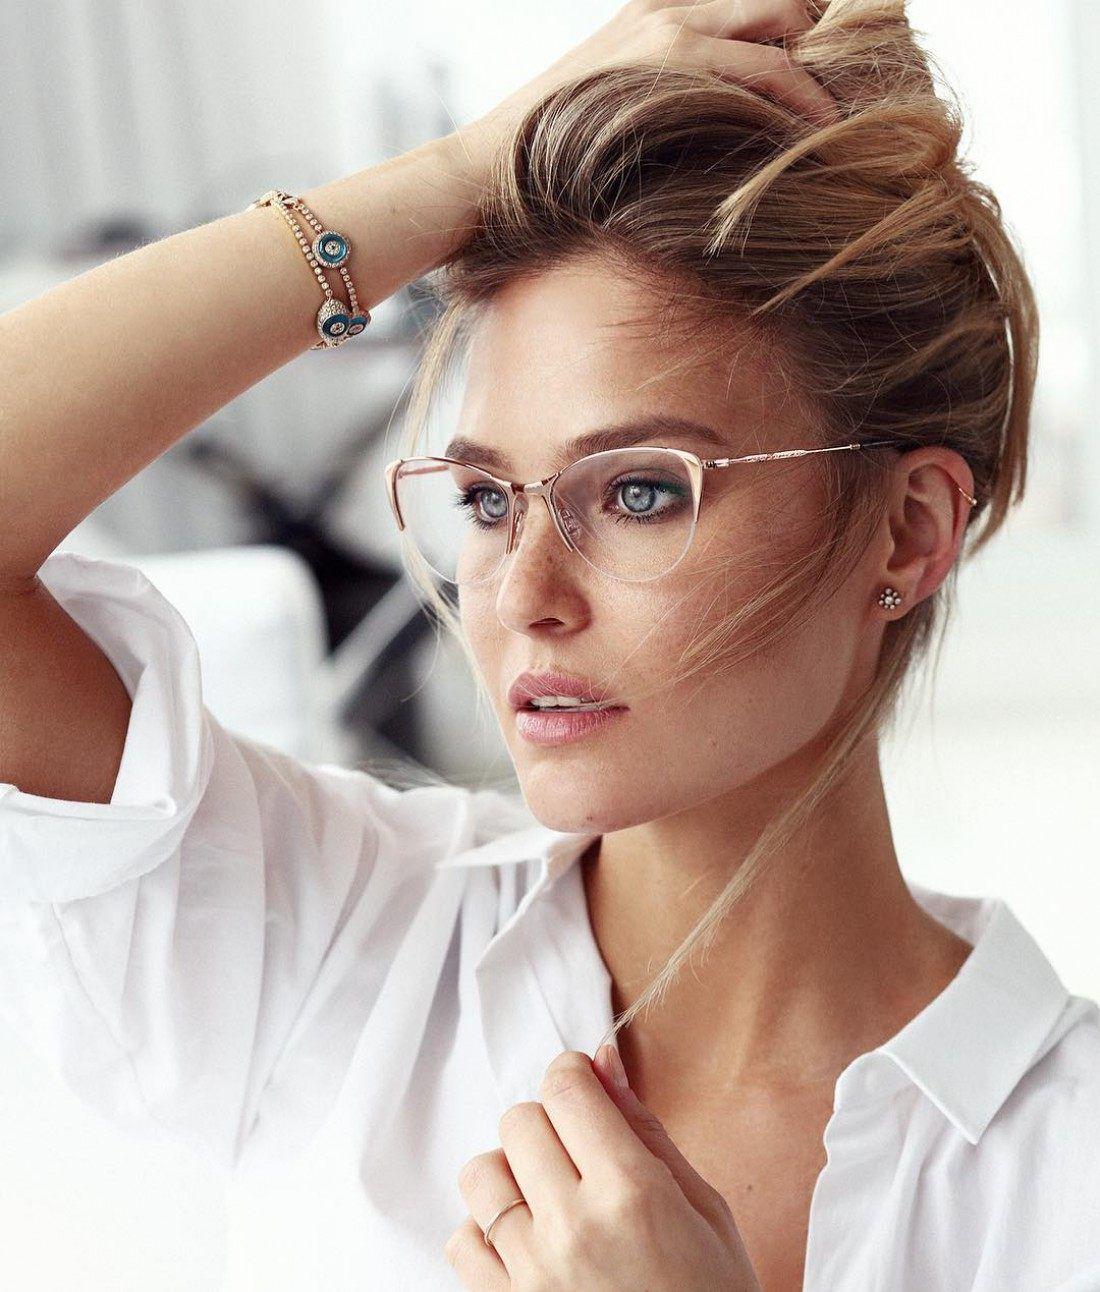 100 модных новинок  Оправы и очки для зрения 2018 - тренды на фото ... dc9ccb315c5